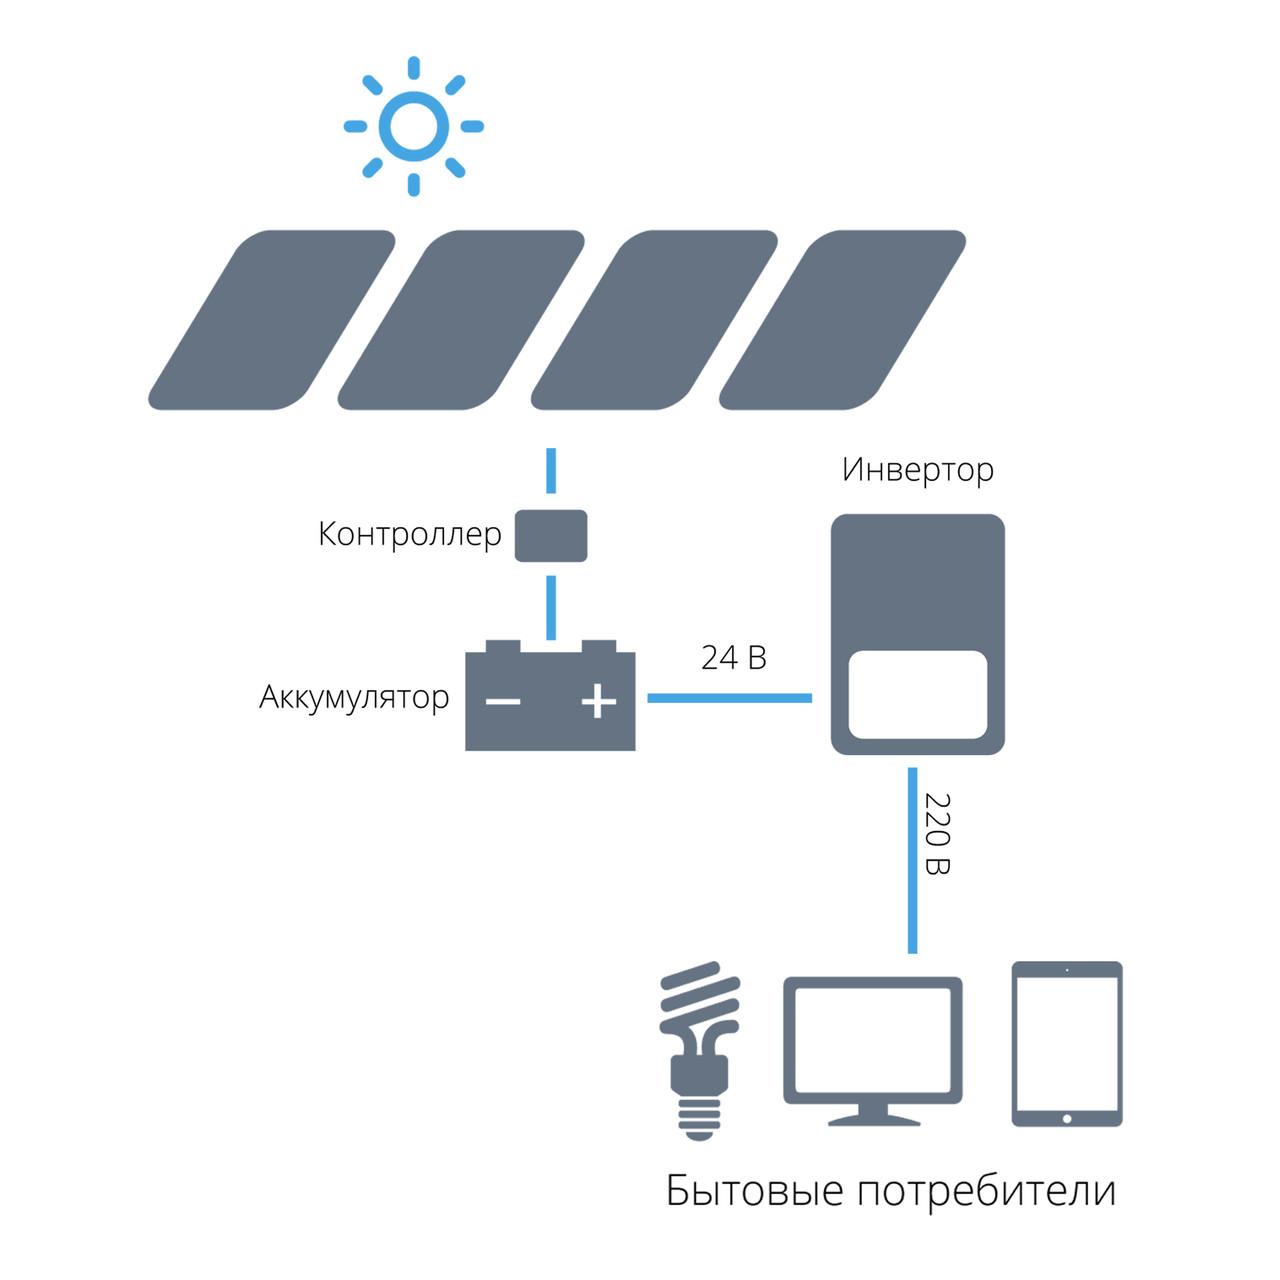 Автономная солнечная электростанция PLUS 3A1 однофазная (3 кВт, 220 В)